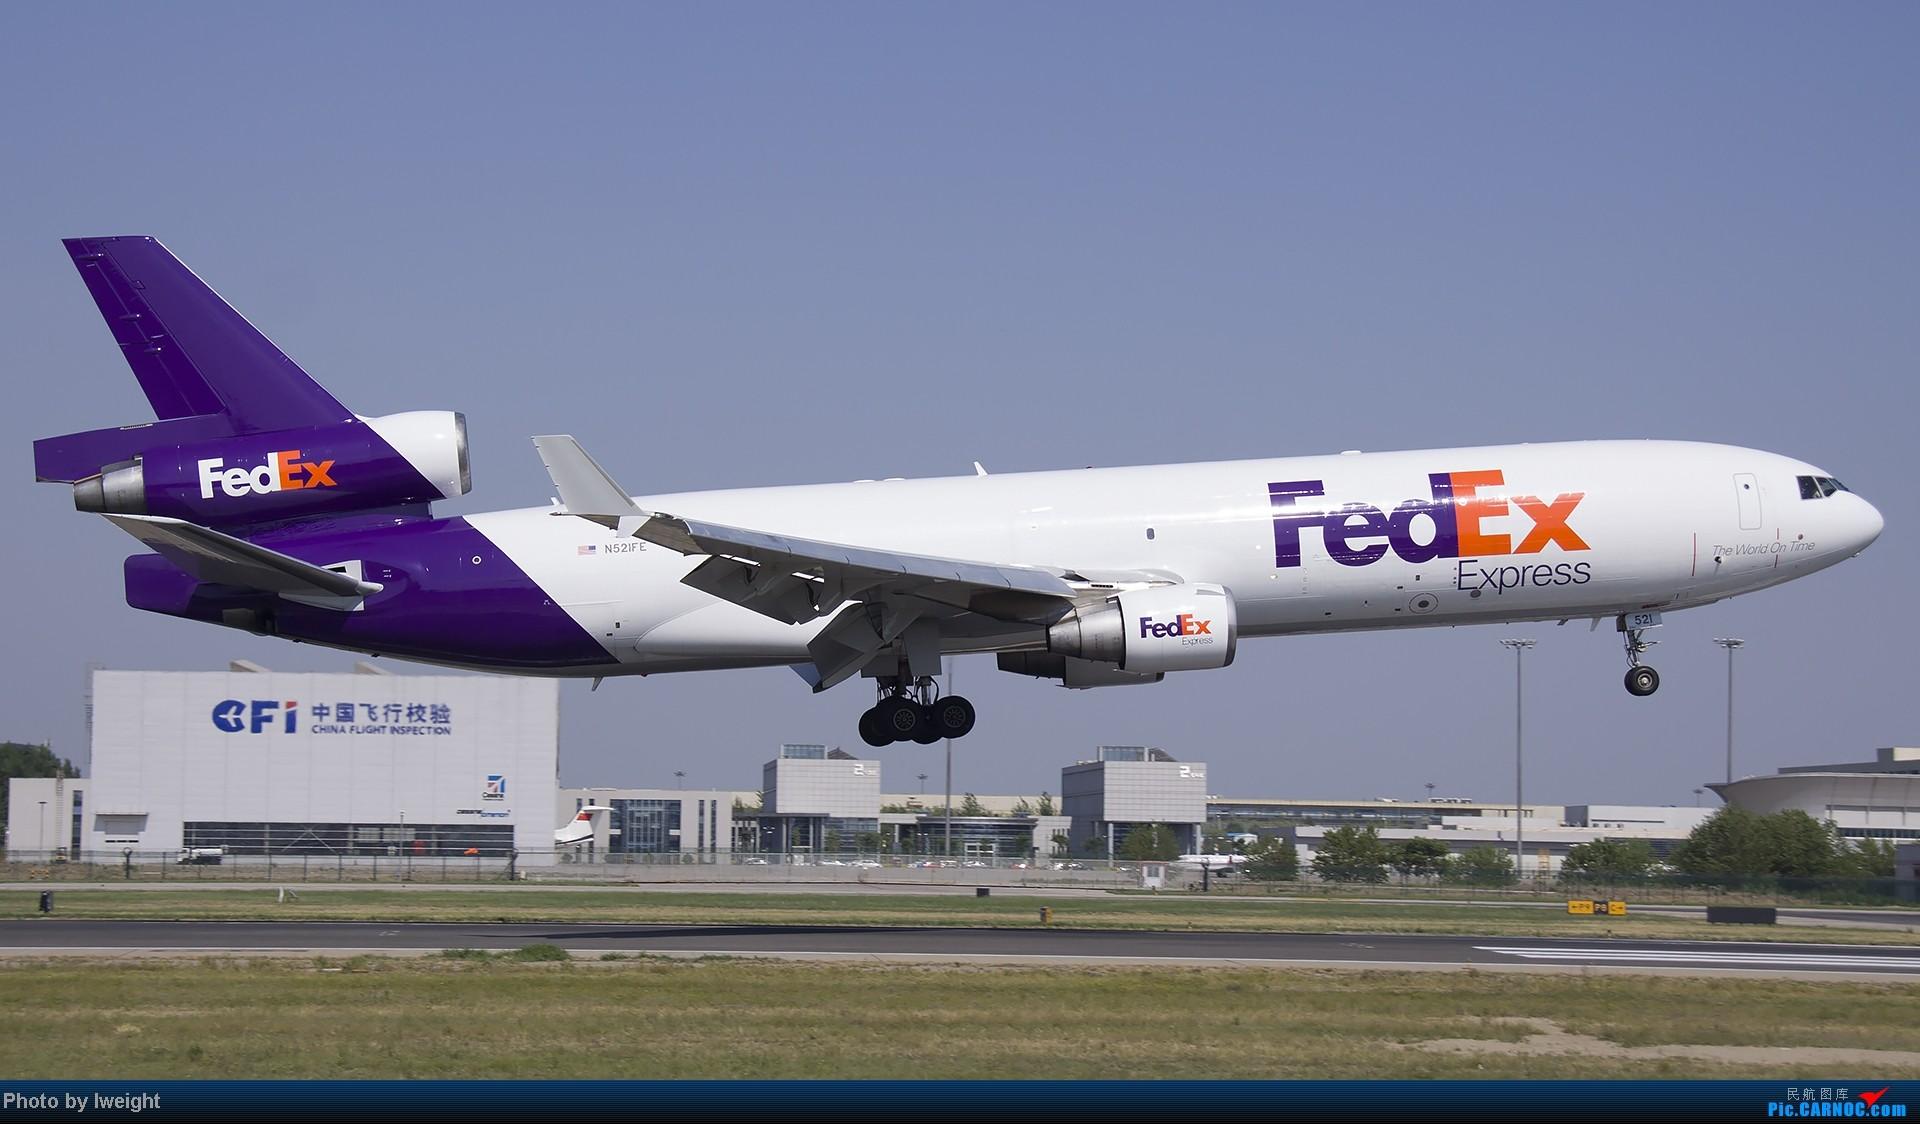 Re:[原创]5月12日PEK好天从01→19→18R MCDONNELL DOUGLAS MD-11 N521FE 中国北京首都机场